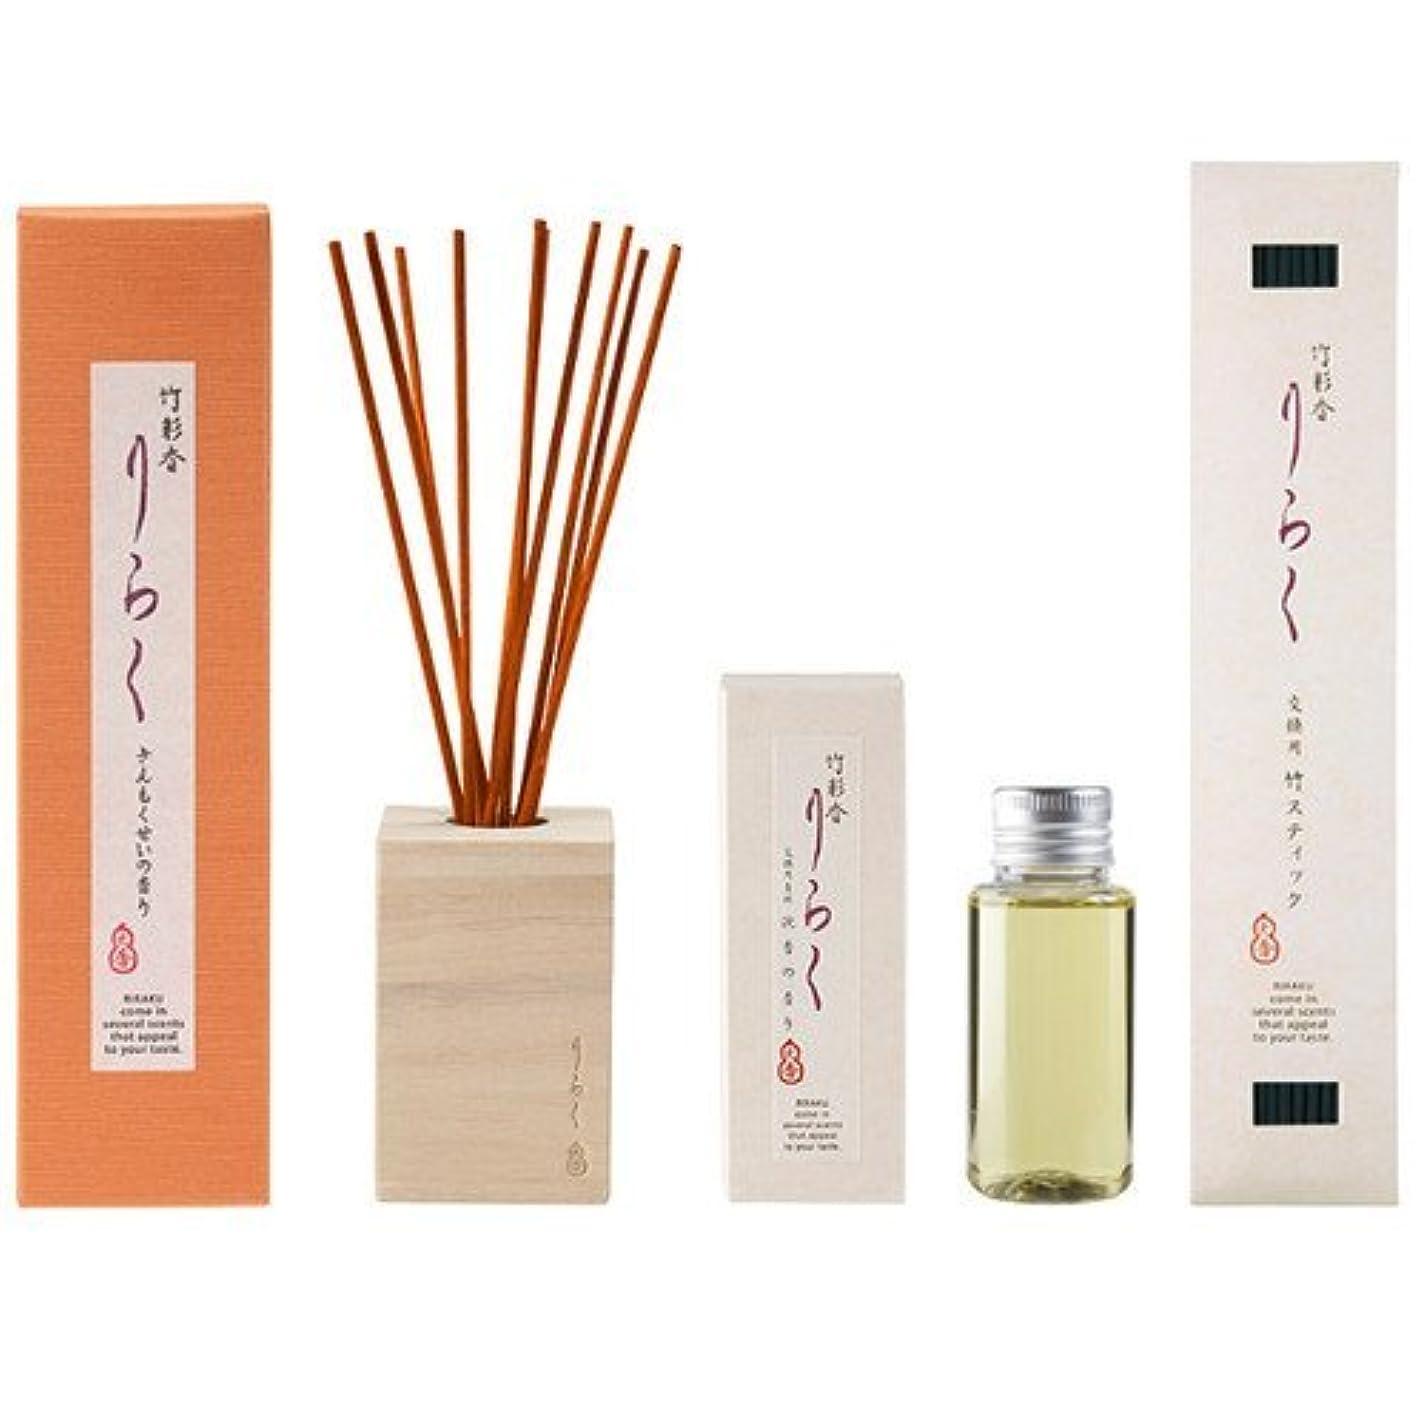 差拘束するアッティカス大香 竹彩香 りらく きんもくせい 50ml と 交換用 きんもくせい、交換用竹スティック きんもくせいの色 セット